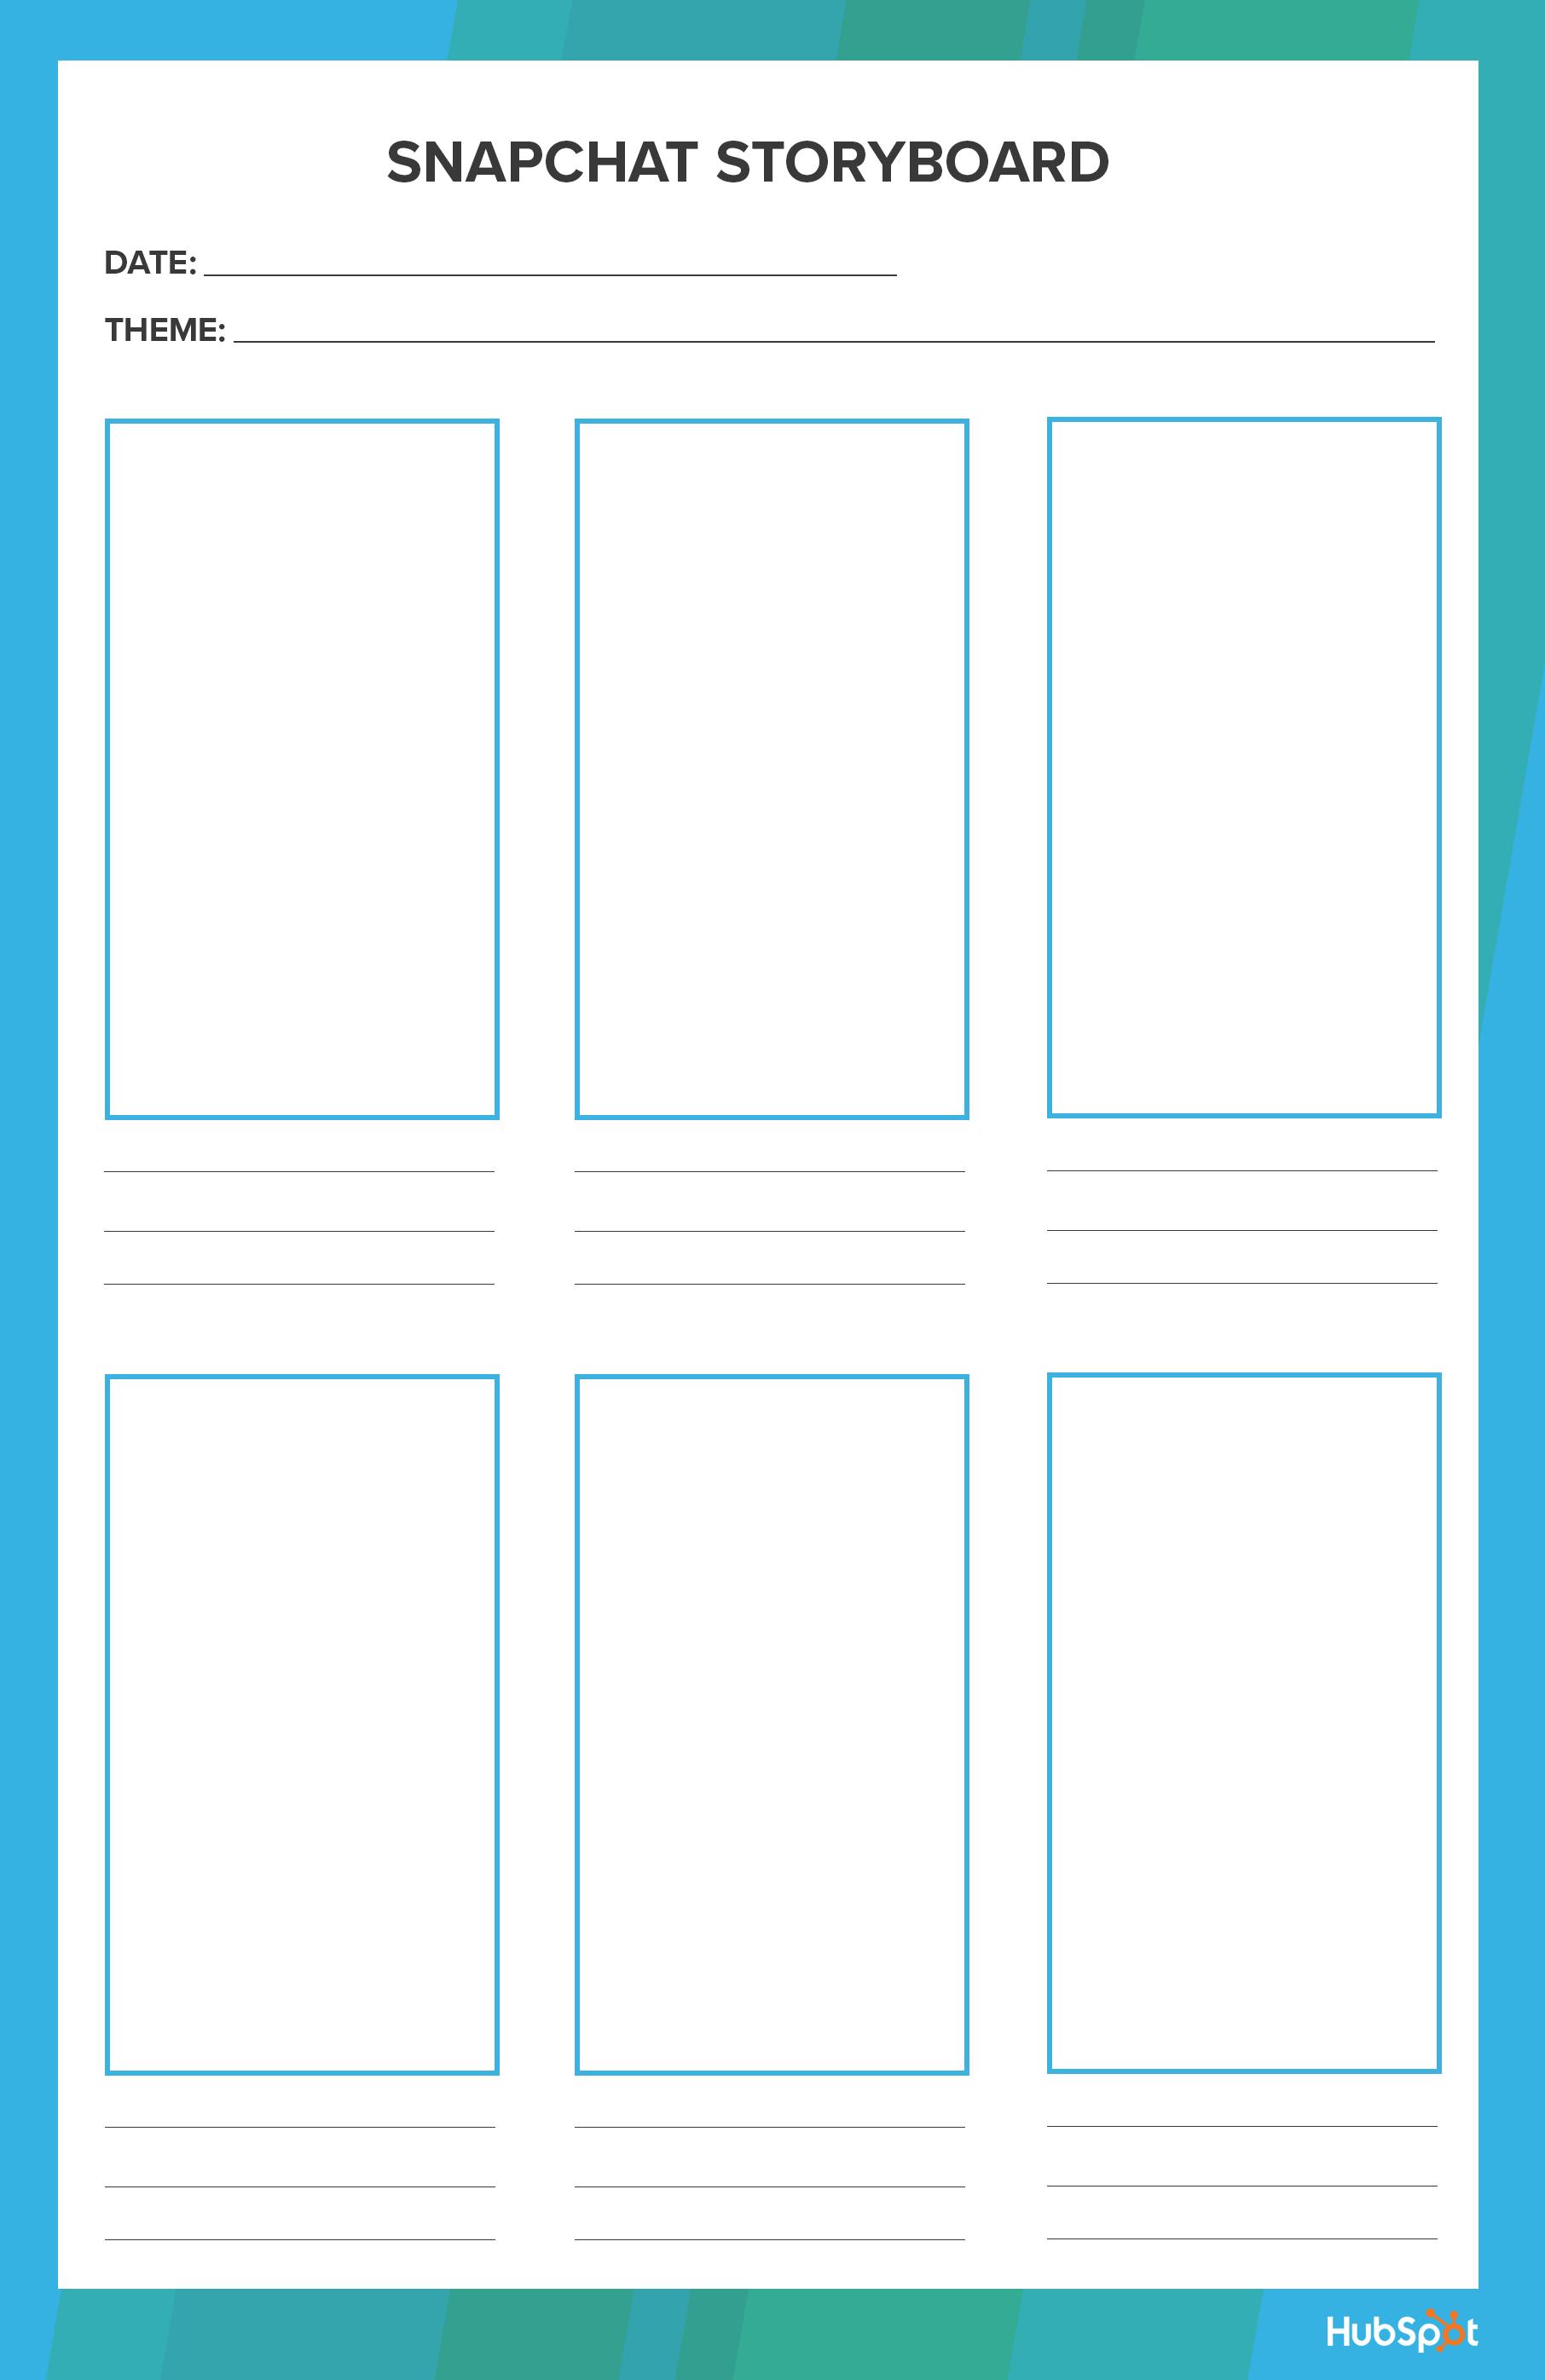 snapchat-storyboard.png